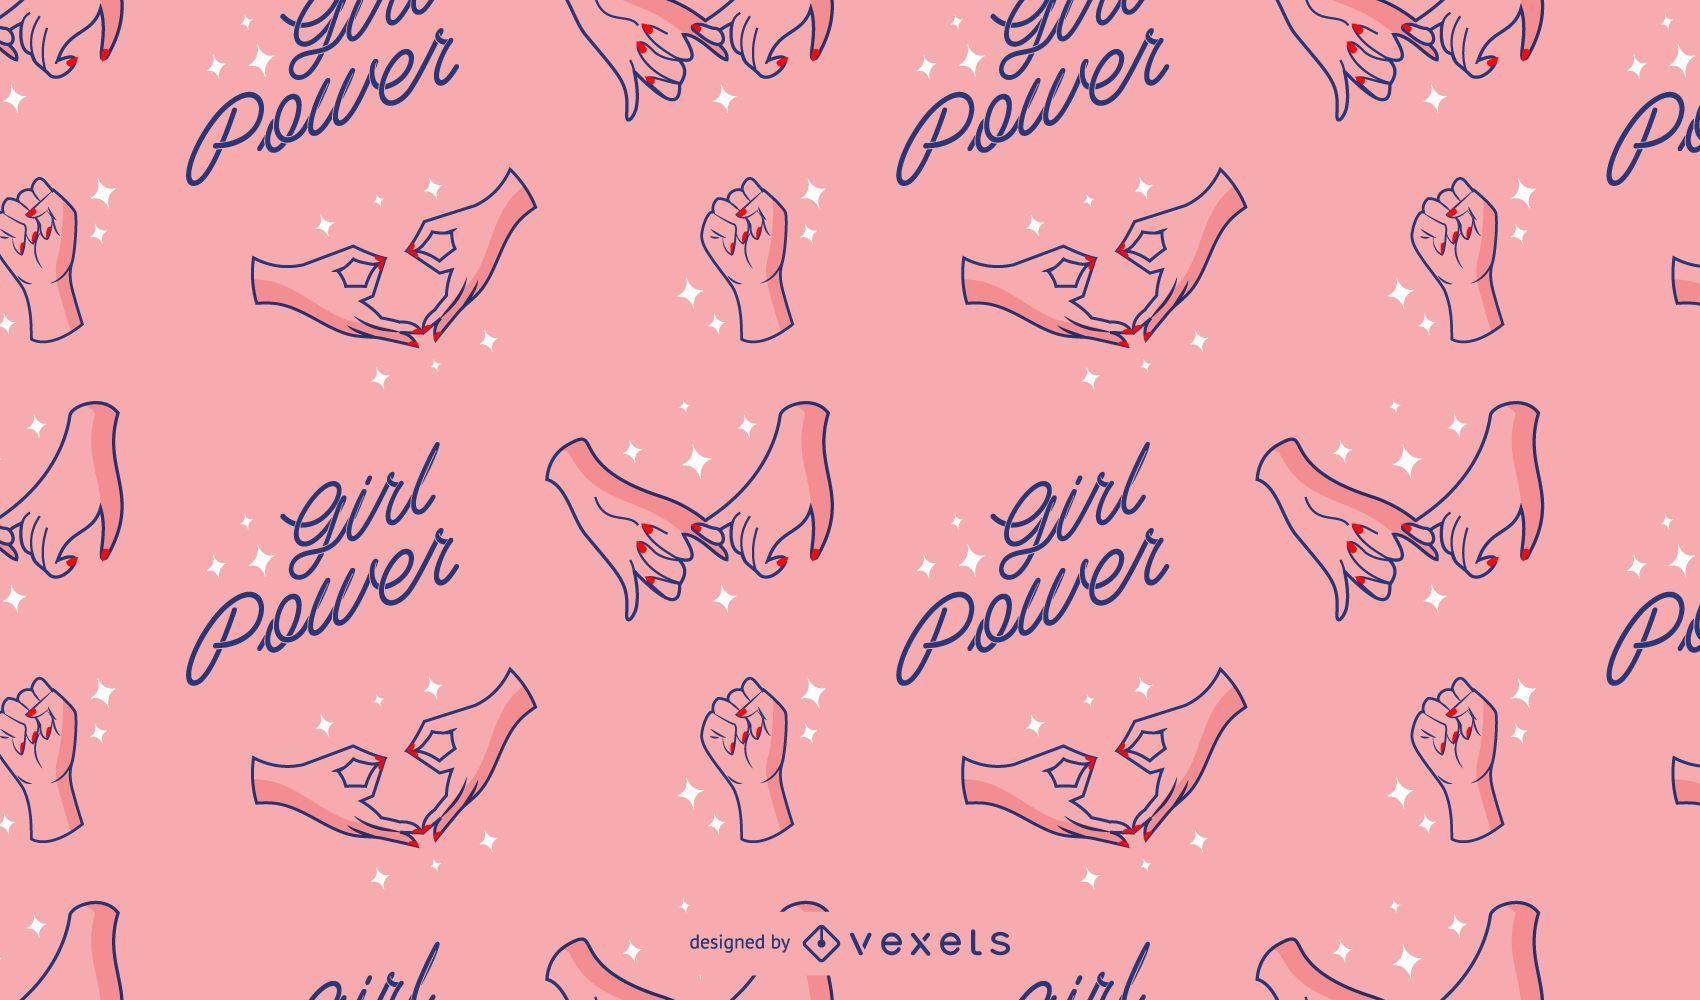 Patrón del día de la mujer girl power